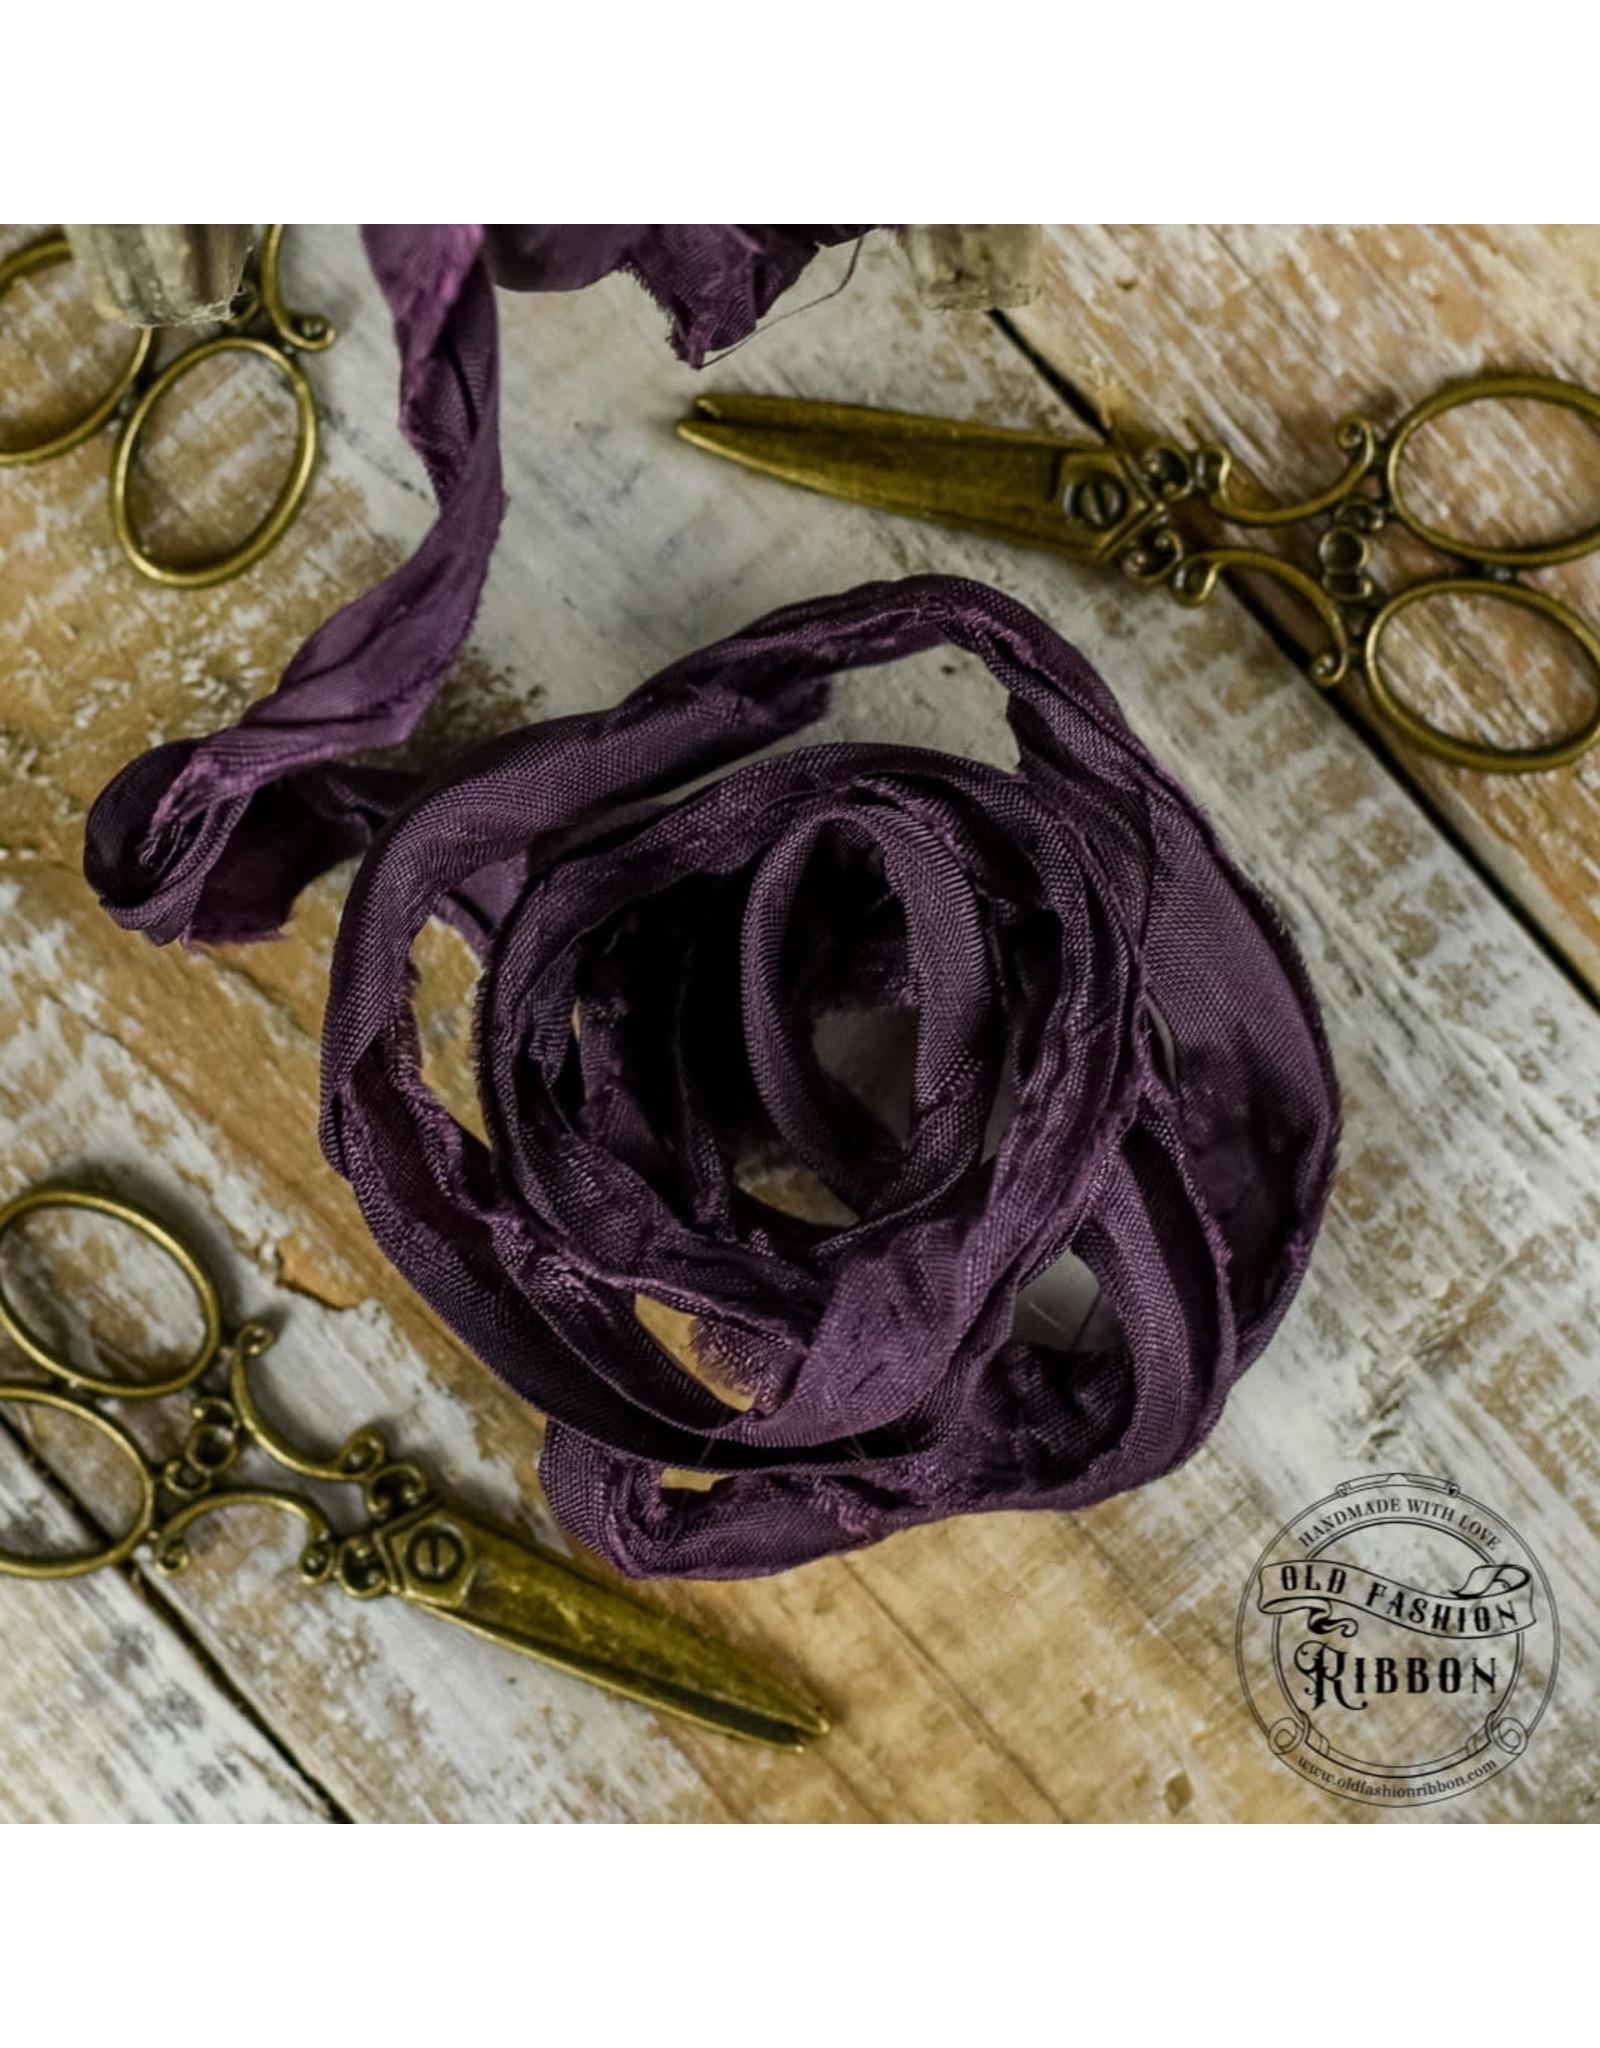 Old Fashion Ribbon Old Fashion Ribbon Satijn  Plum OLDSB34